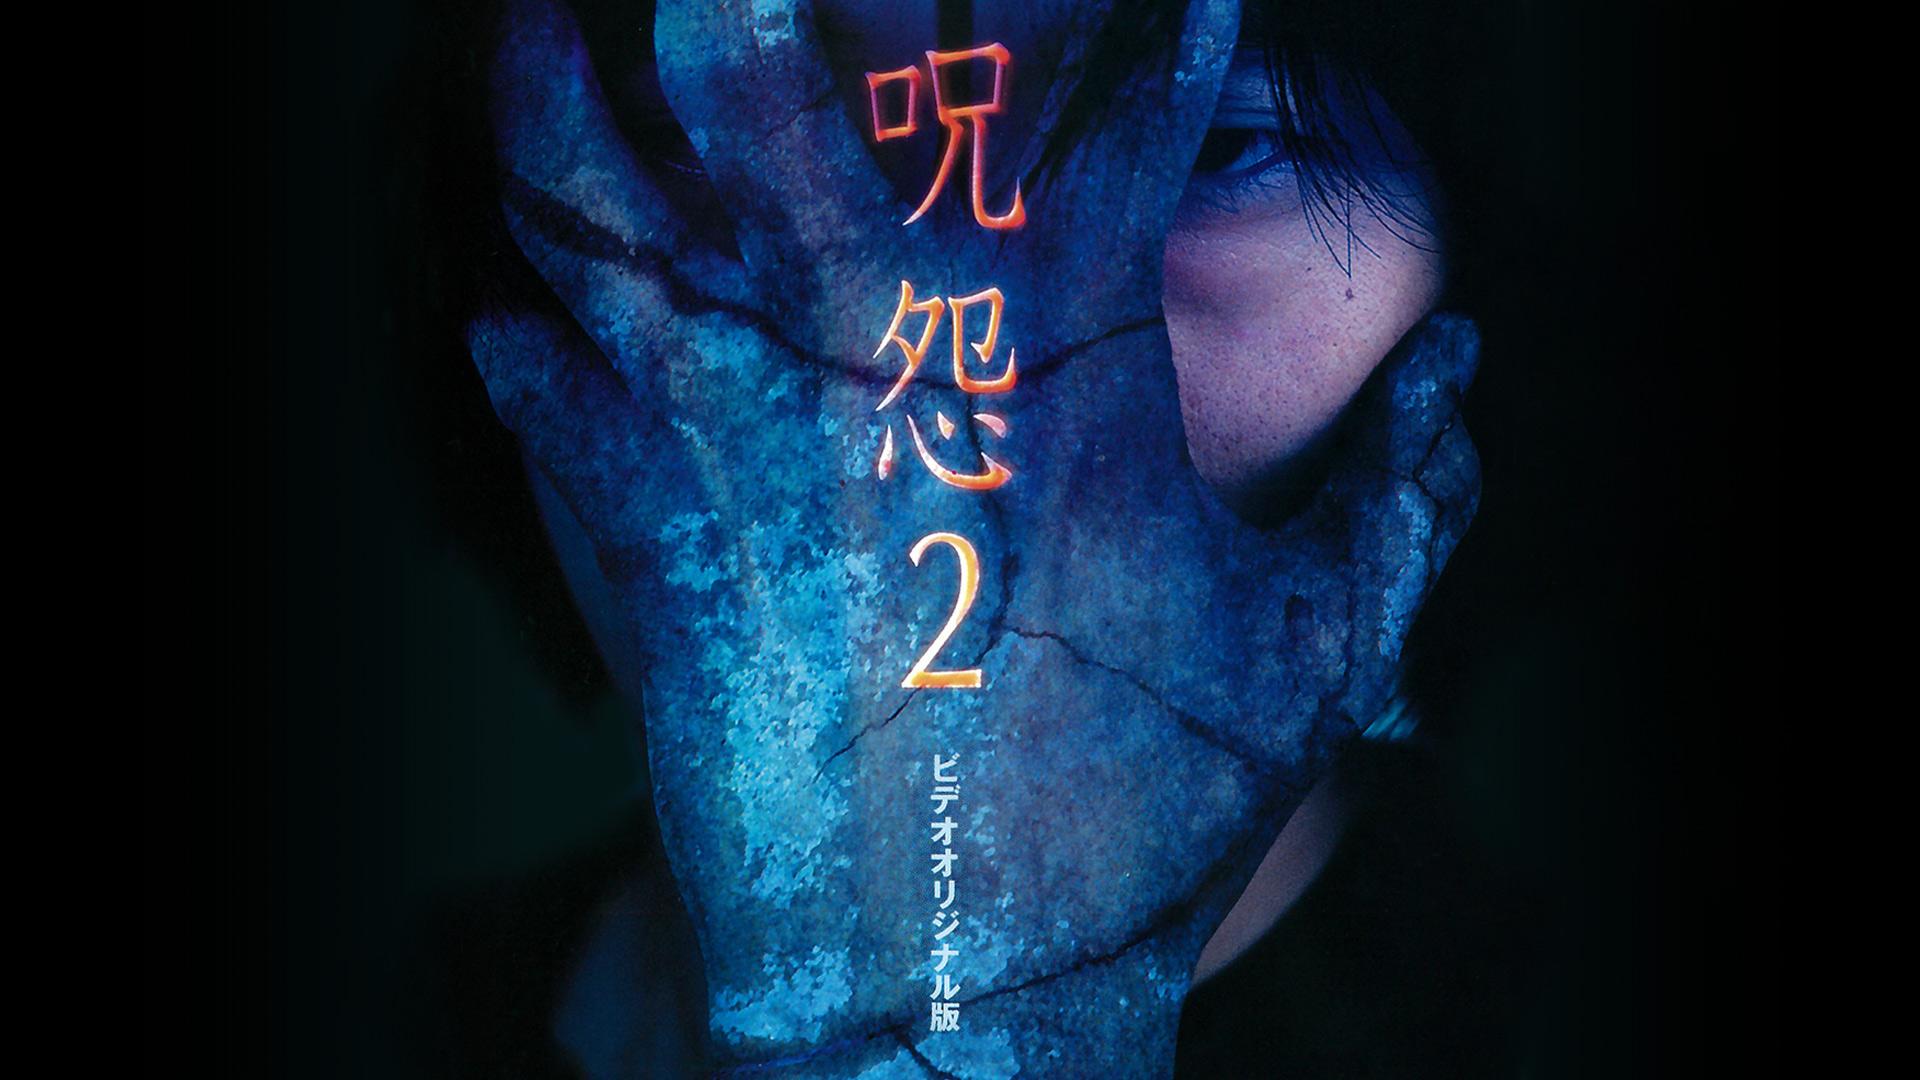 呪怨2(ビデオオリジナル版)